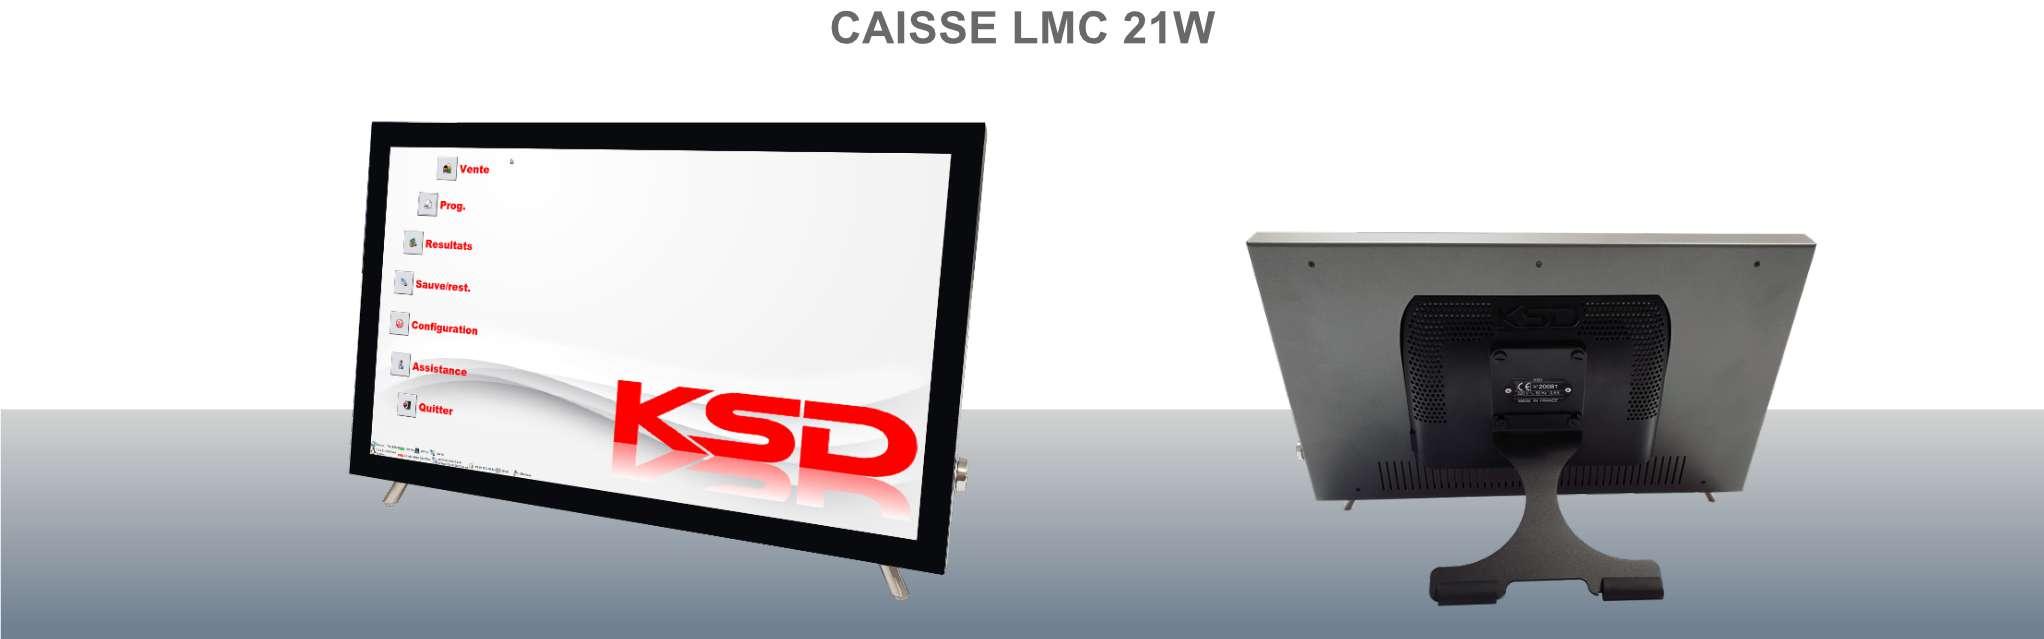 Caisse enregistreuse LMC 21W